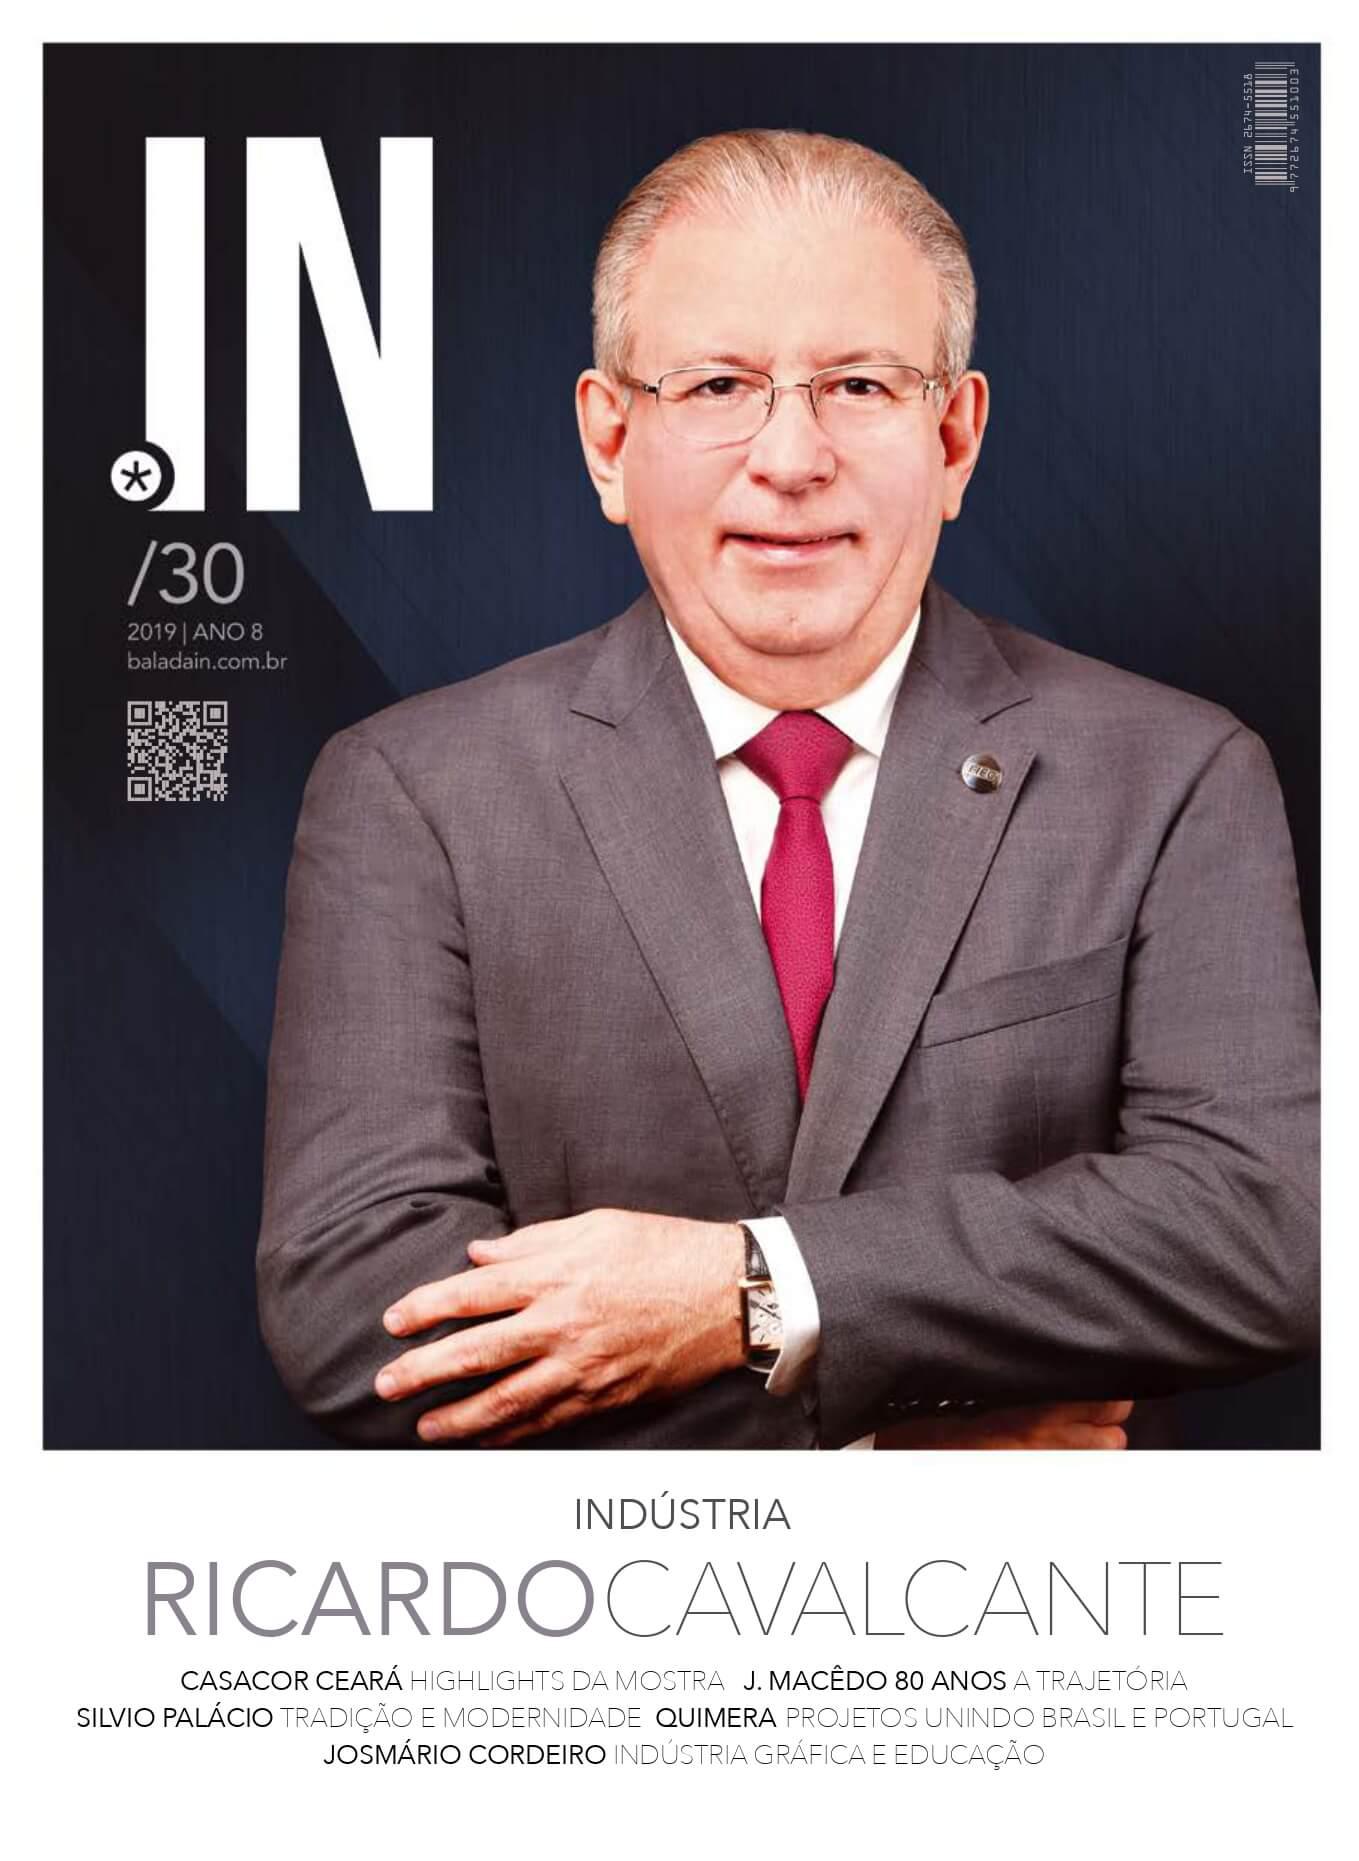 Edição: Ricardo Cavalcante